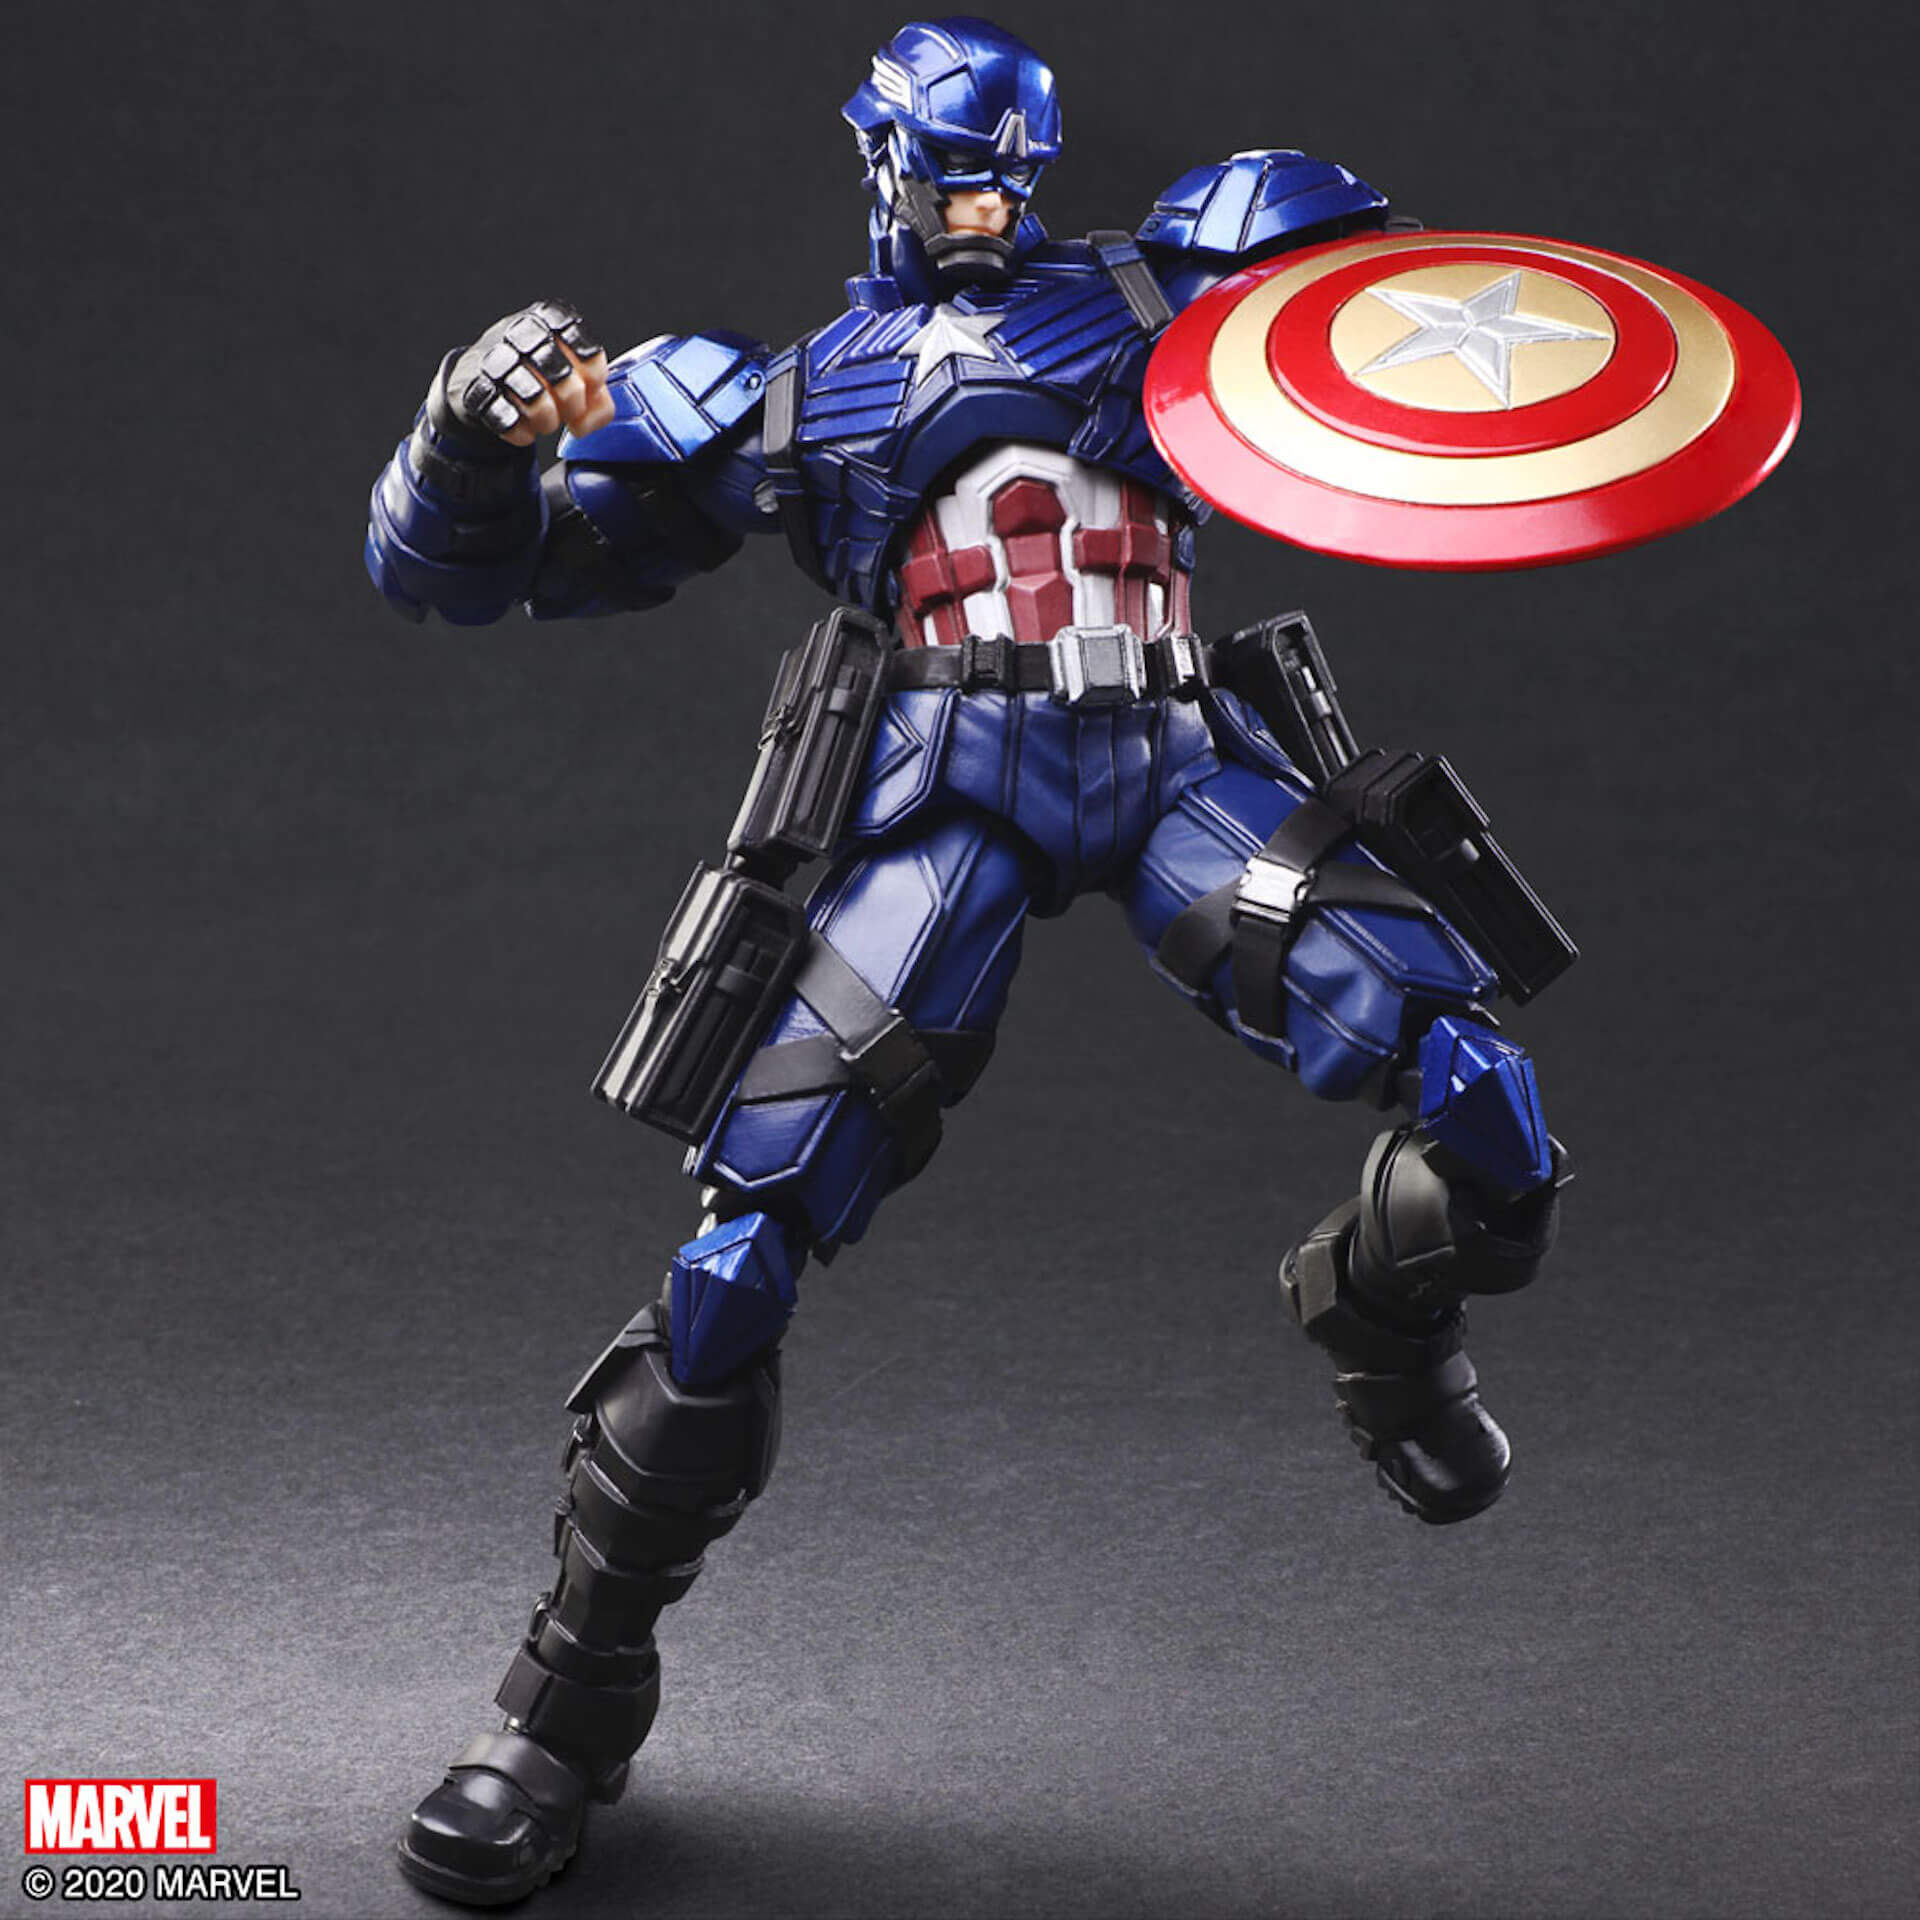 野村哲也デザインの『アイアンマン』『キャプテン・アメリカ』『スパイダーマン』フィギュアがスクウェア・エニックスのオンラインサイトで予約受付中! ac200702_marvel_nomuratesuya_15